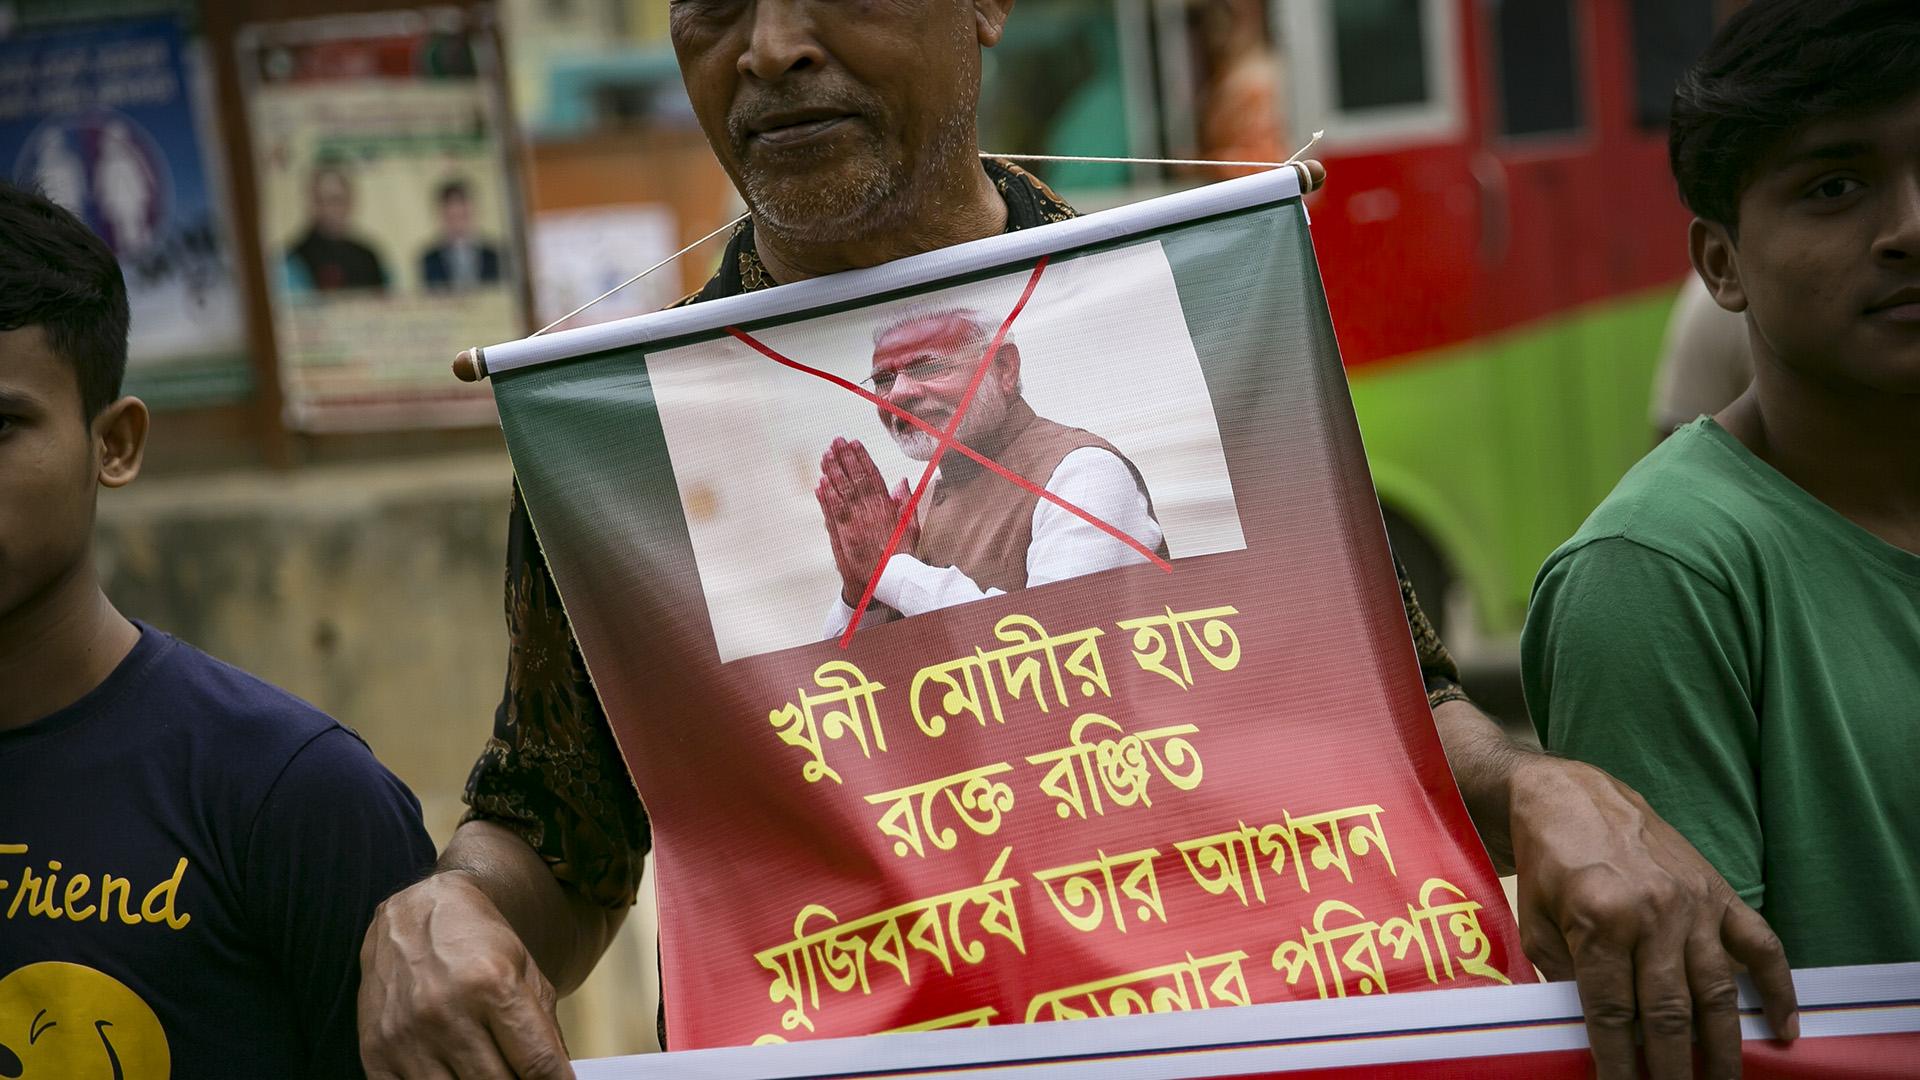 Bangladesh Police Detain Hundreds After Violent Protests Against Indian PM's Visit